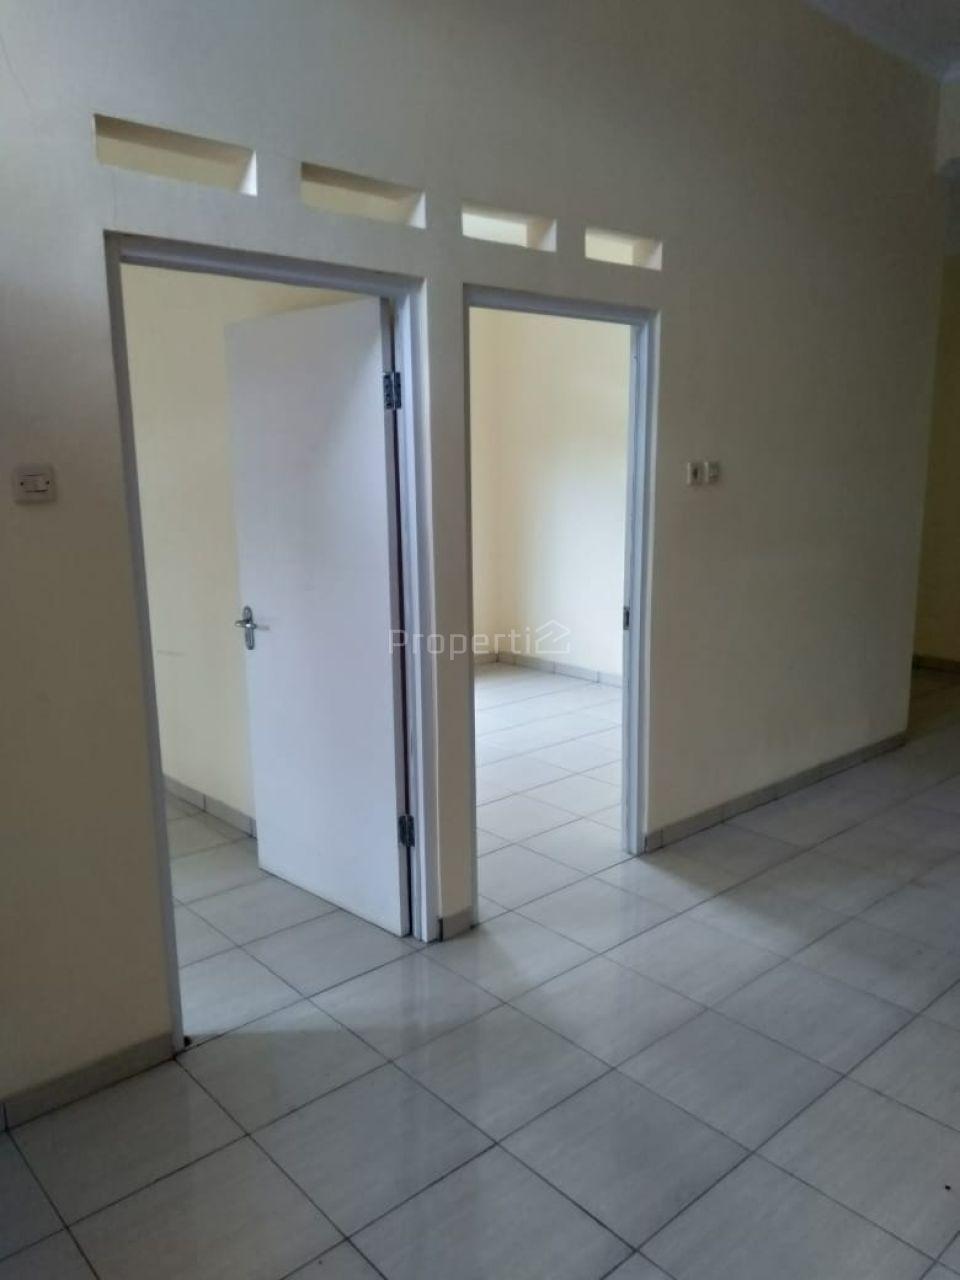 Rumah Baru di Perumahan Cilebut, Kota Bogor, Kota Bogor